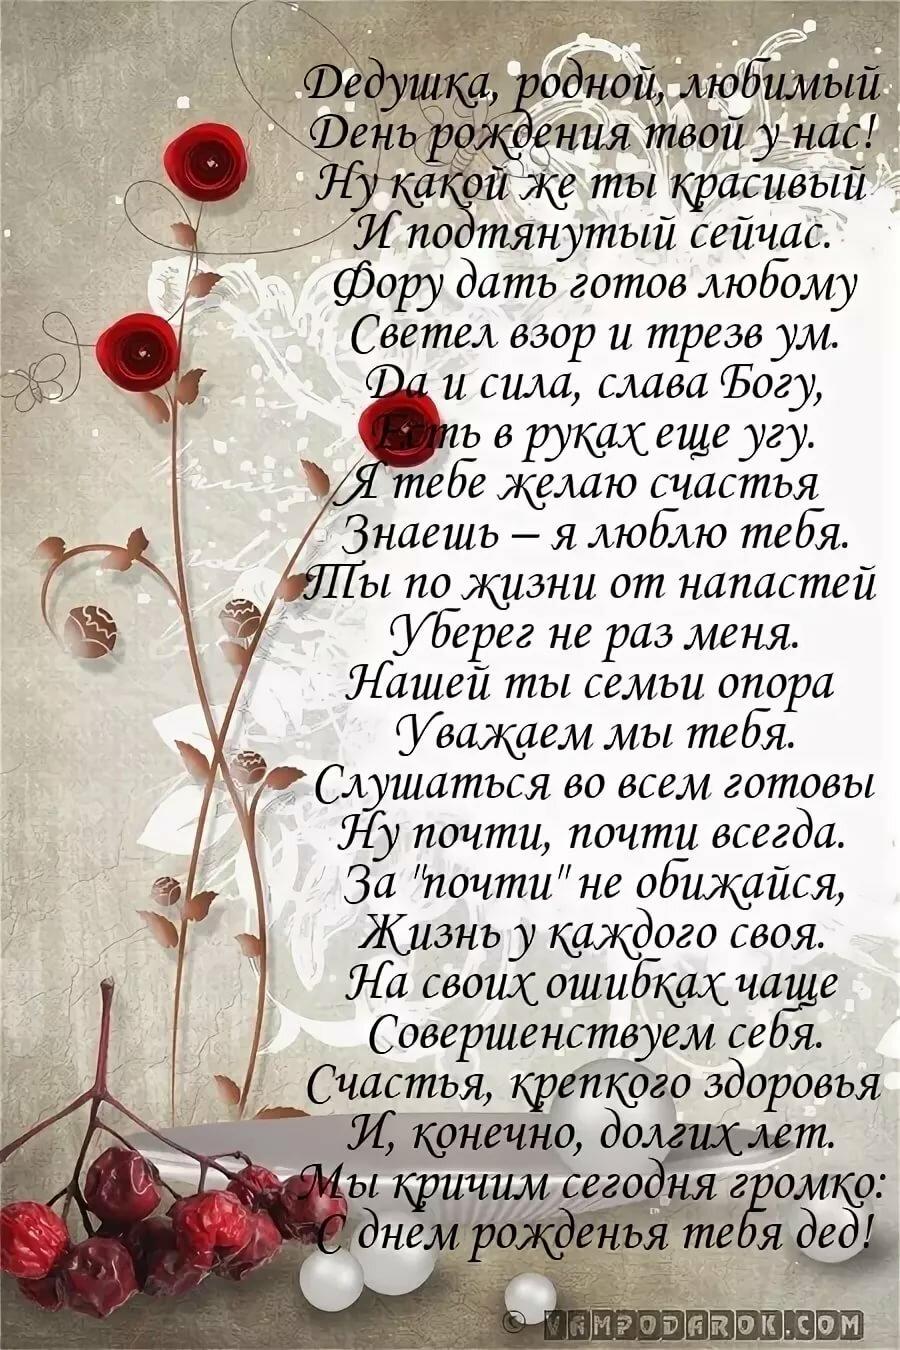 Красивые стихи с днем рождения дедушке от внука